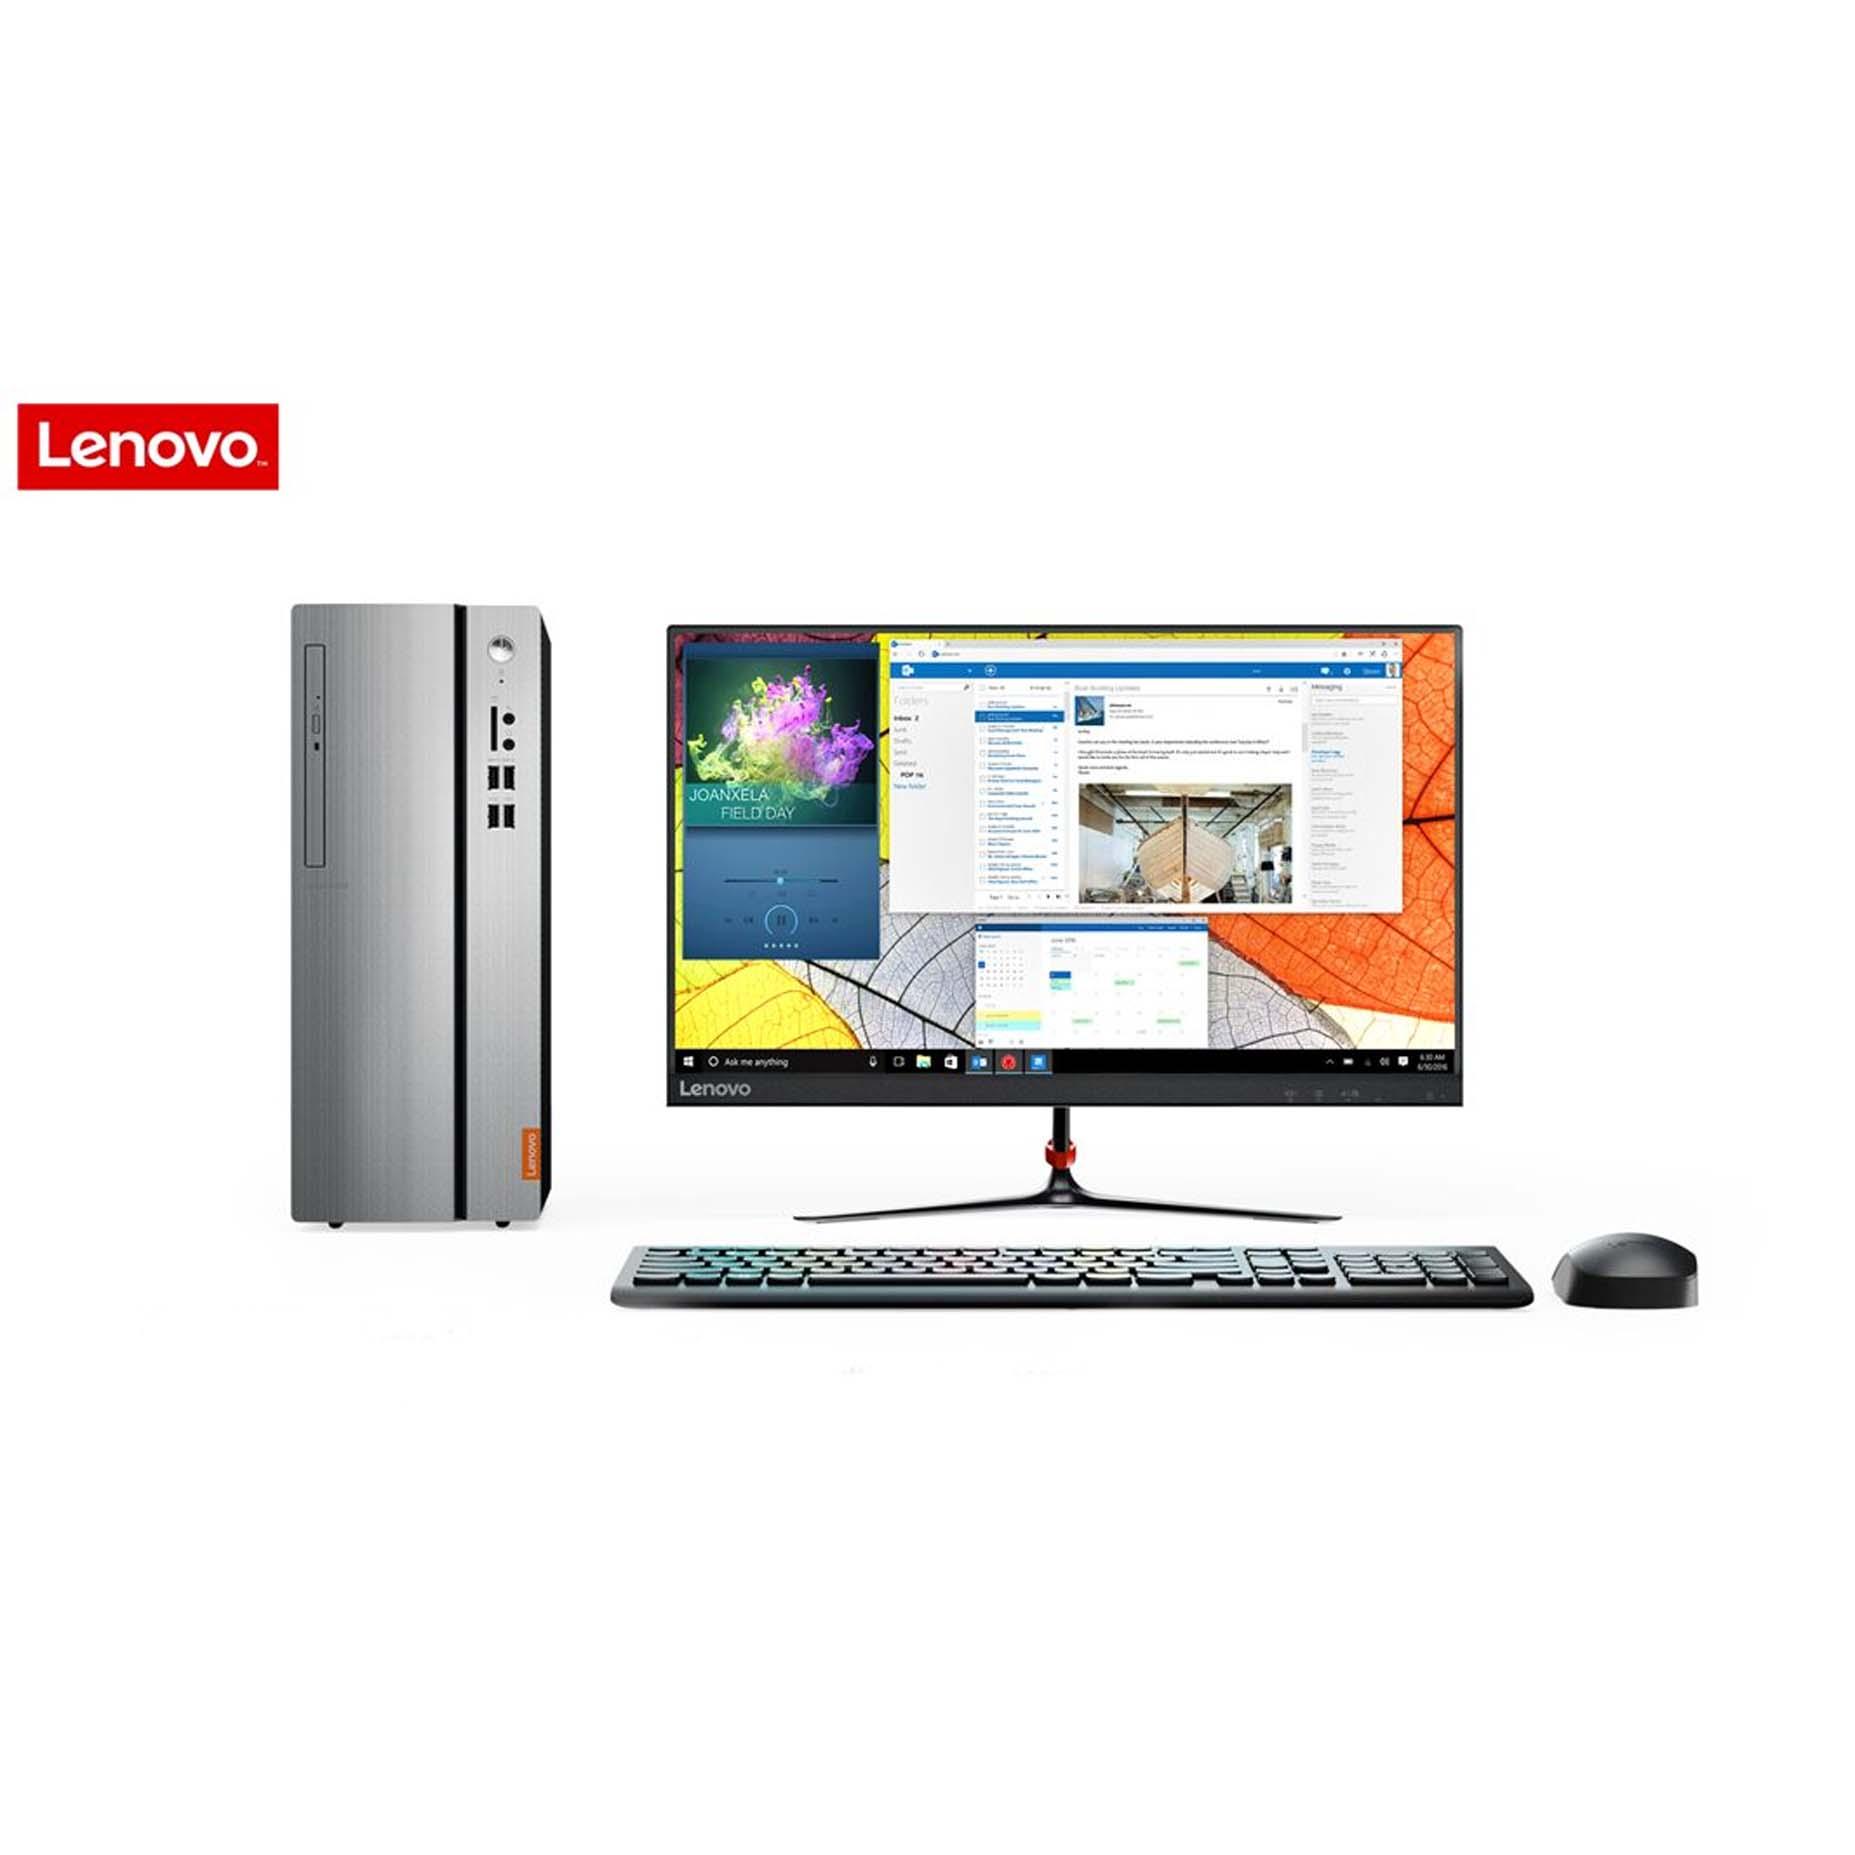 """Harga Lenovo Ideacentre IC510-15IKL NVID Dekstop PC i5-7400 4GB 2TB GT730 2GB DOS 21.5"""""""